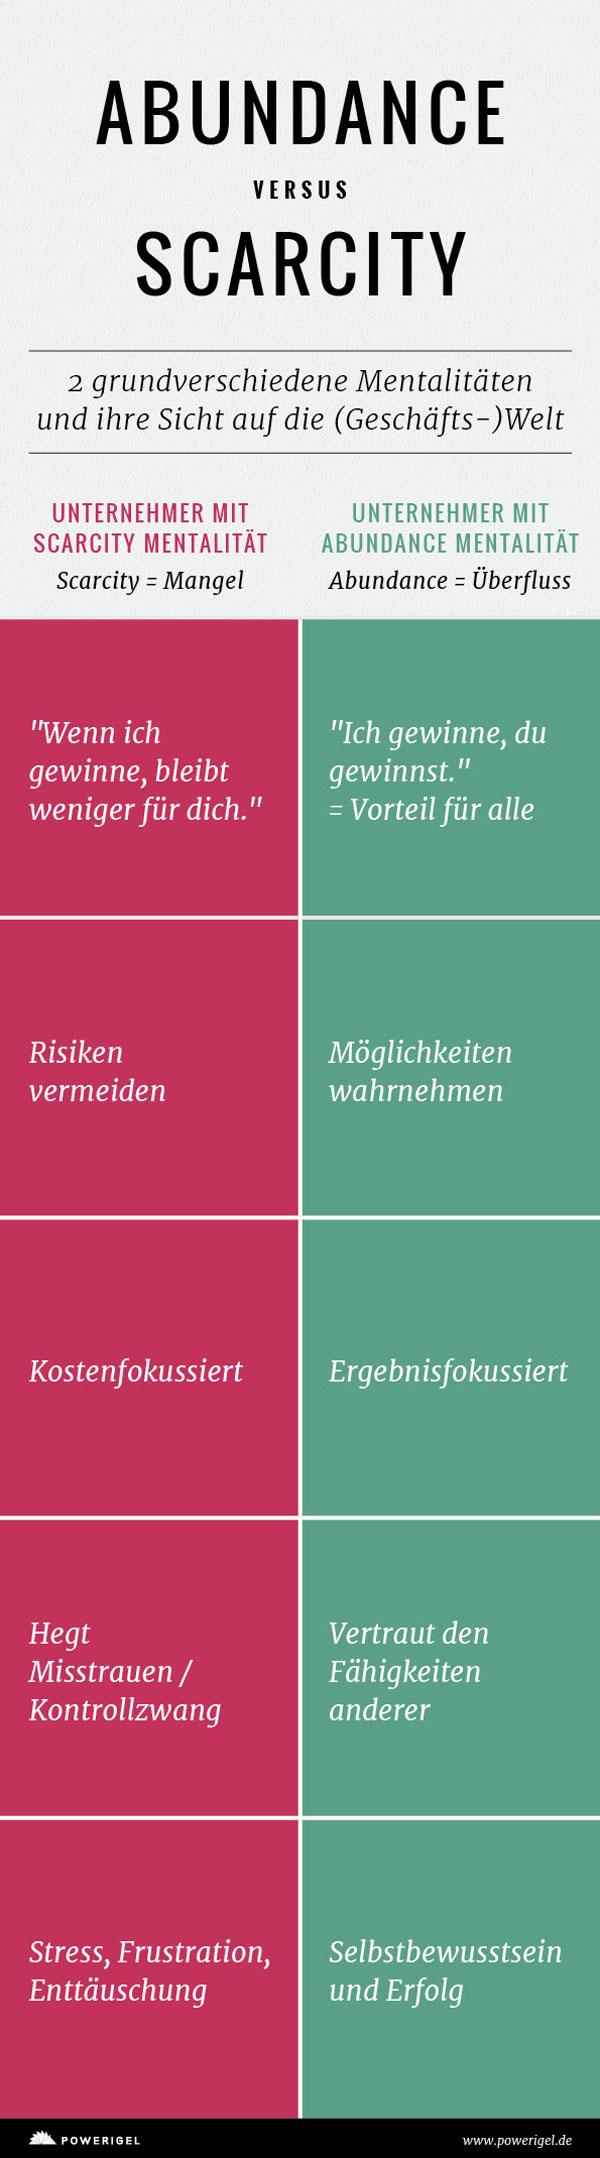 Infografik-Mindsets – www.powerigel.de